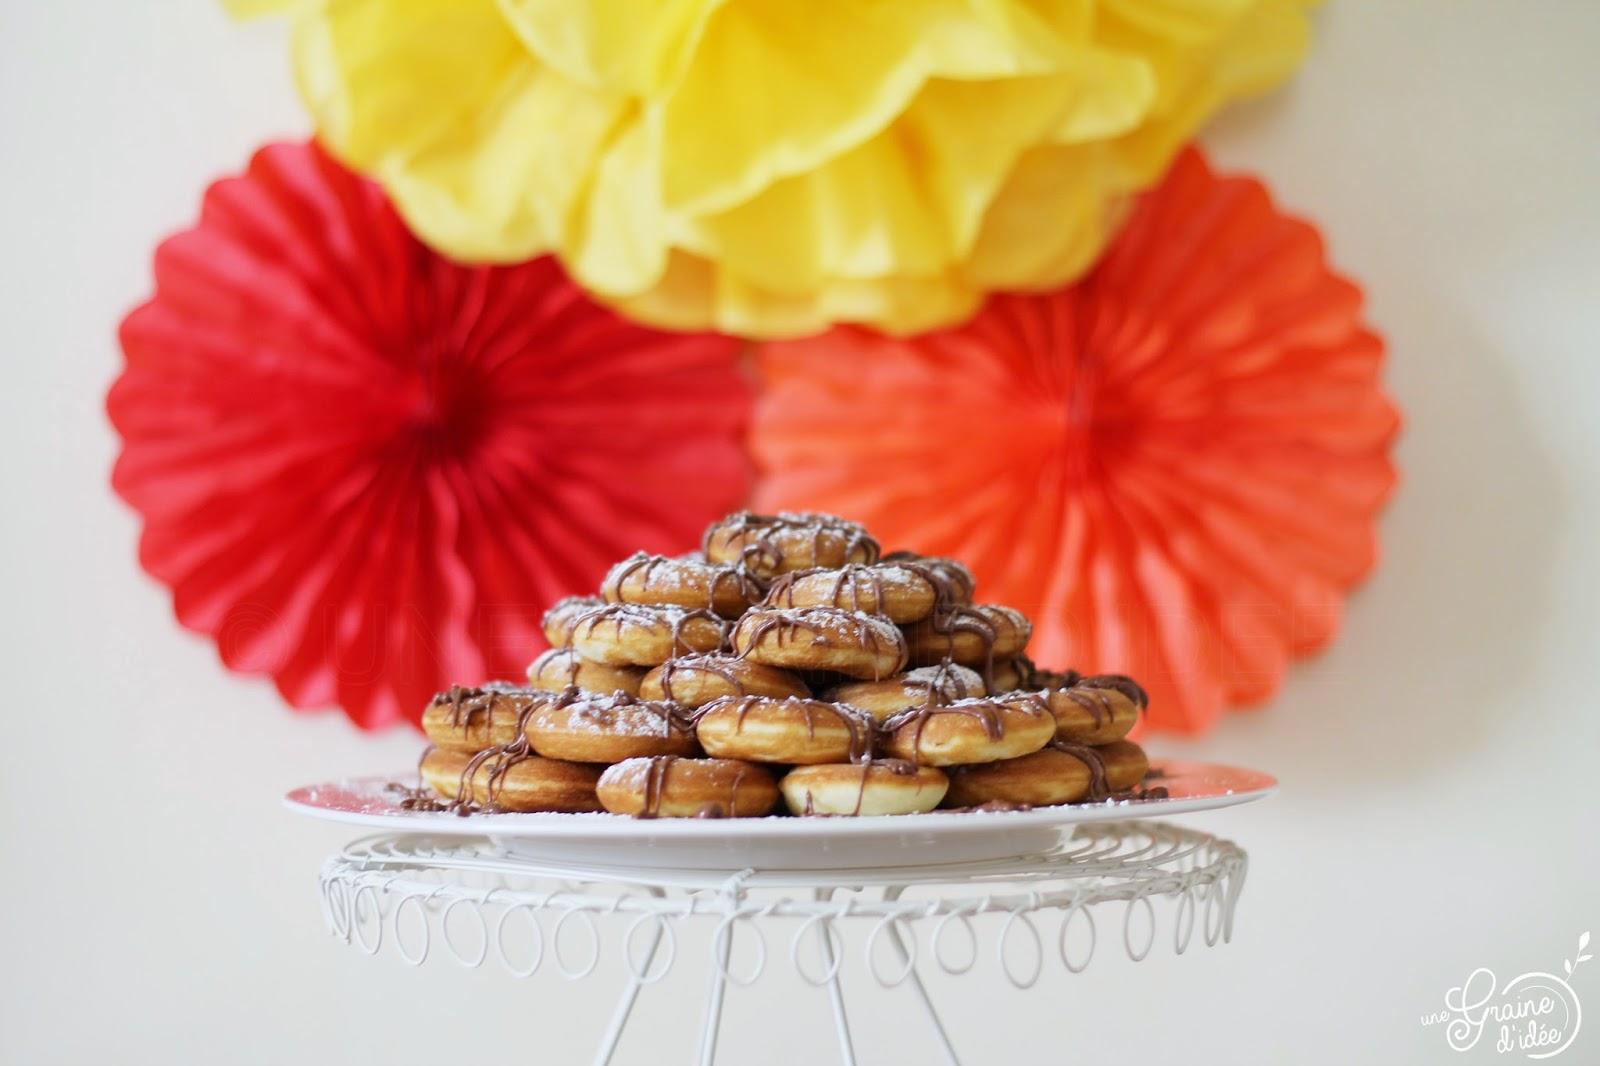 Pyramide de donuts - Une Graine d'Idée